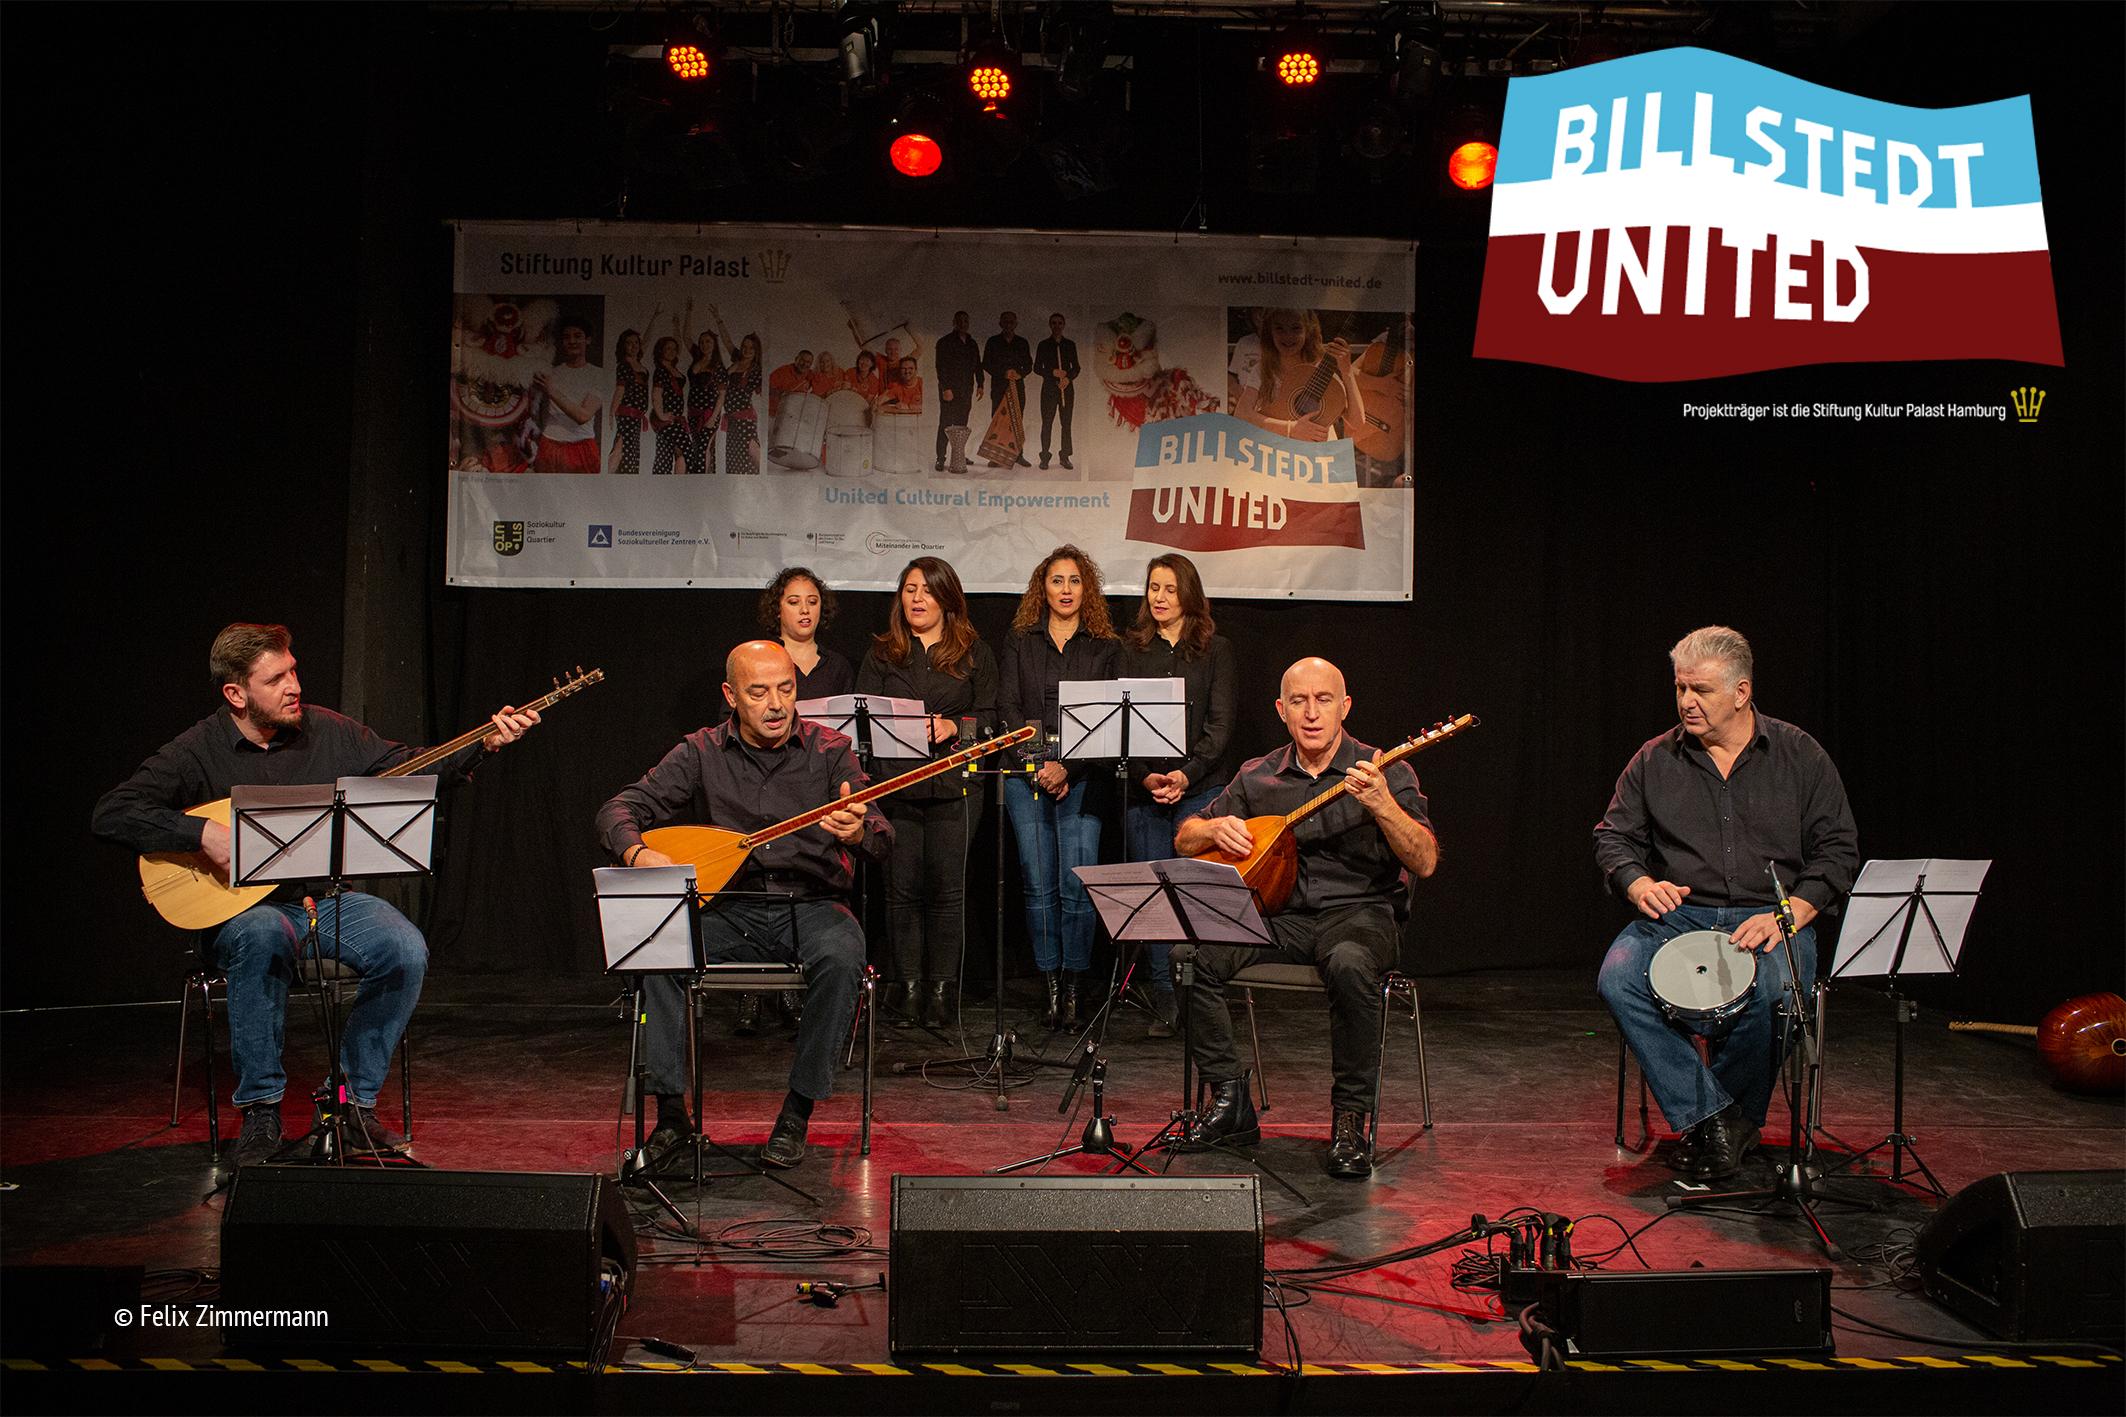 Vier Männer spielen im Vordergrund sitzend auf Zupfinstrumenten, im HIntergrund stehen vier Frauen und singen. Sie schauen paarweise in ihre Noten